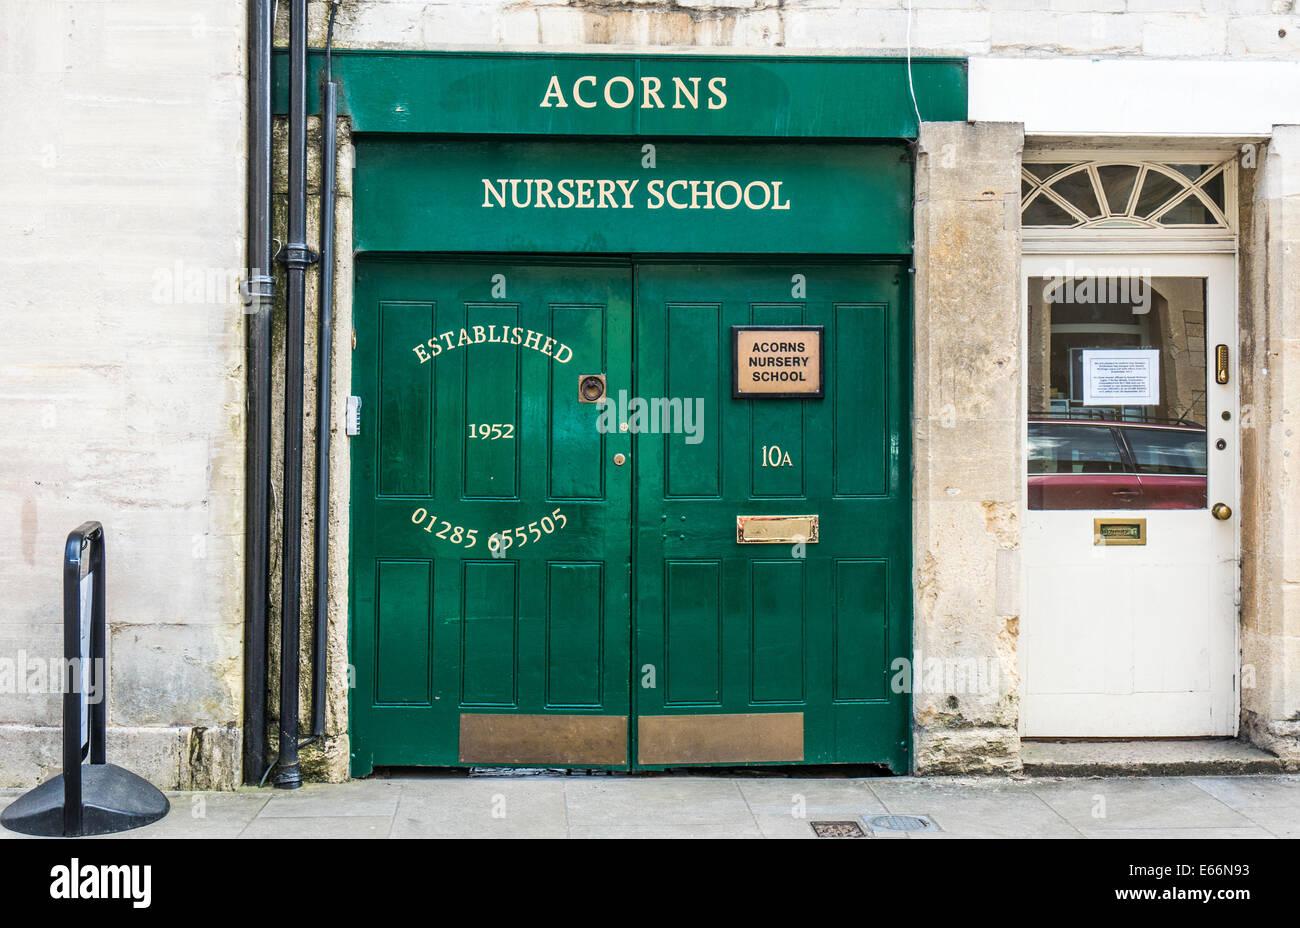 Double-portes vertes - l'entrée de Acorns Nursery School (créé en 1952), le centre-ville de Cirencester, Cotswolds, Gloucestershire, Angleterre, Royaume-Uni. Banque D'Images